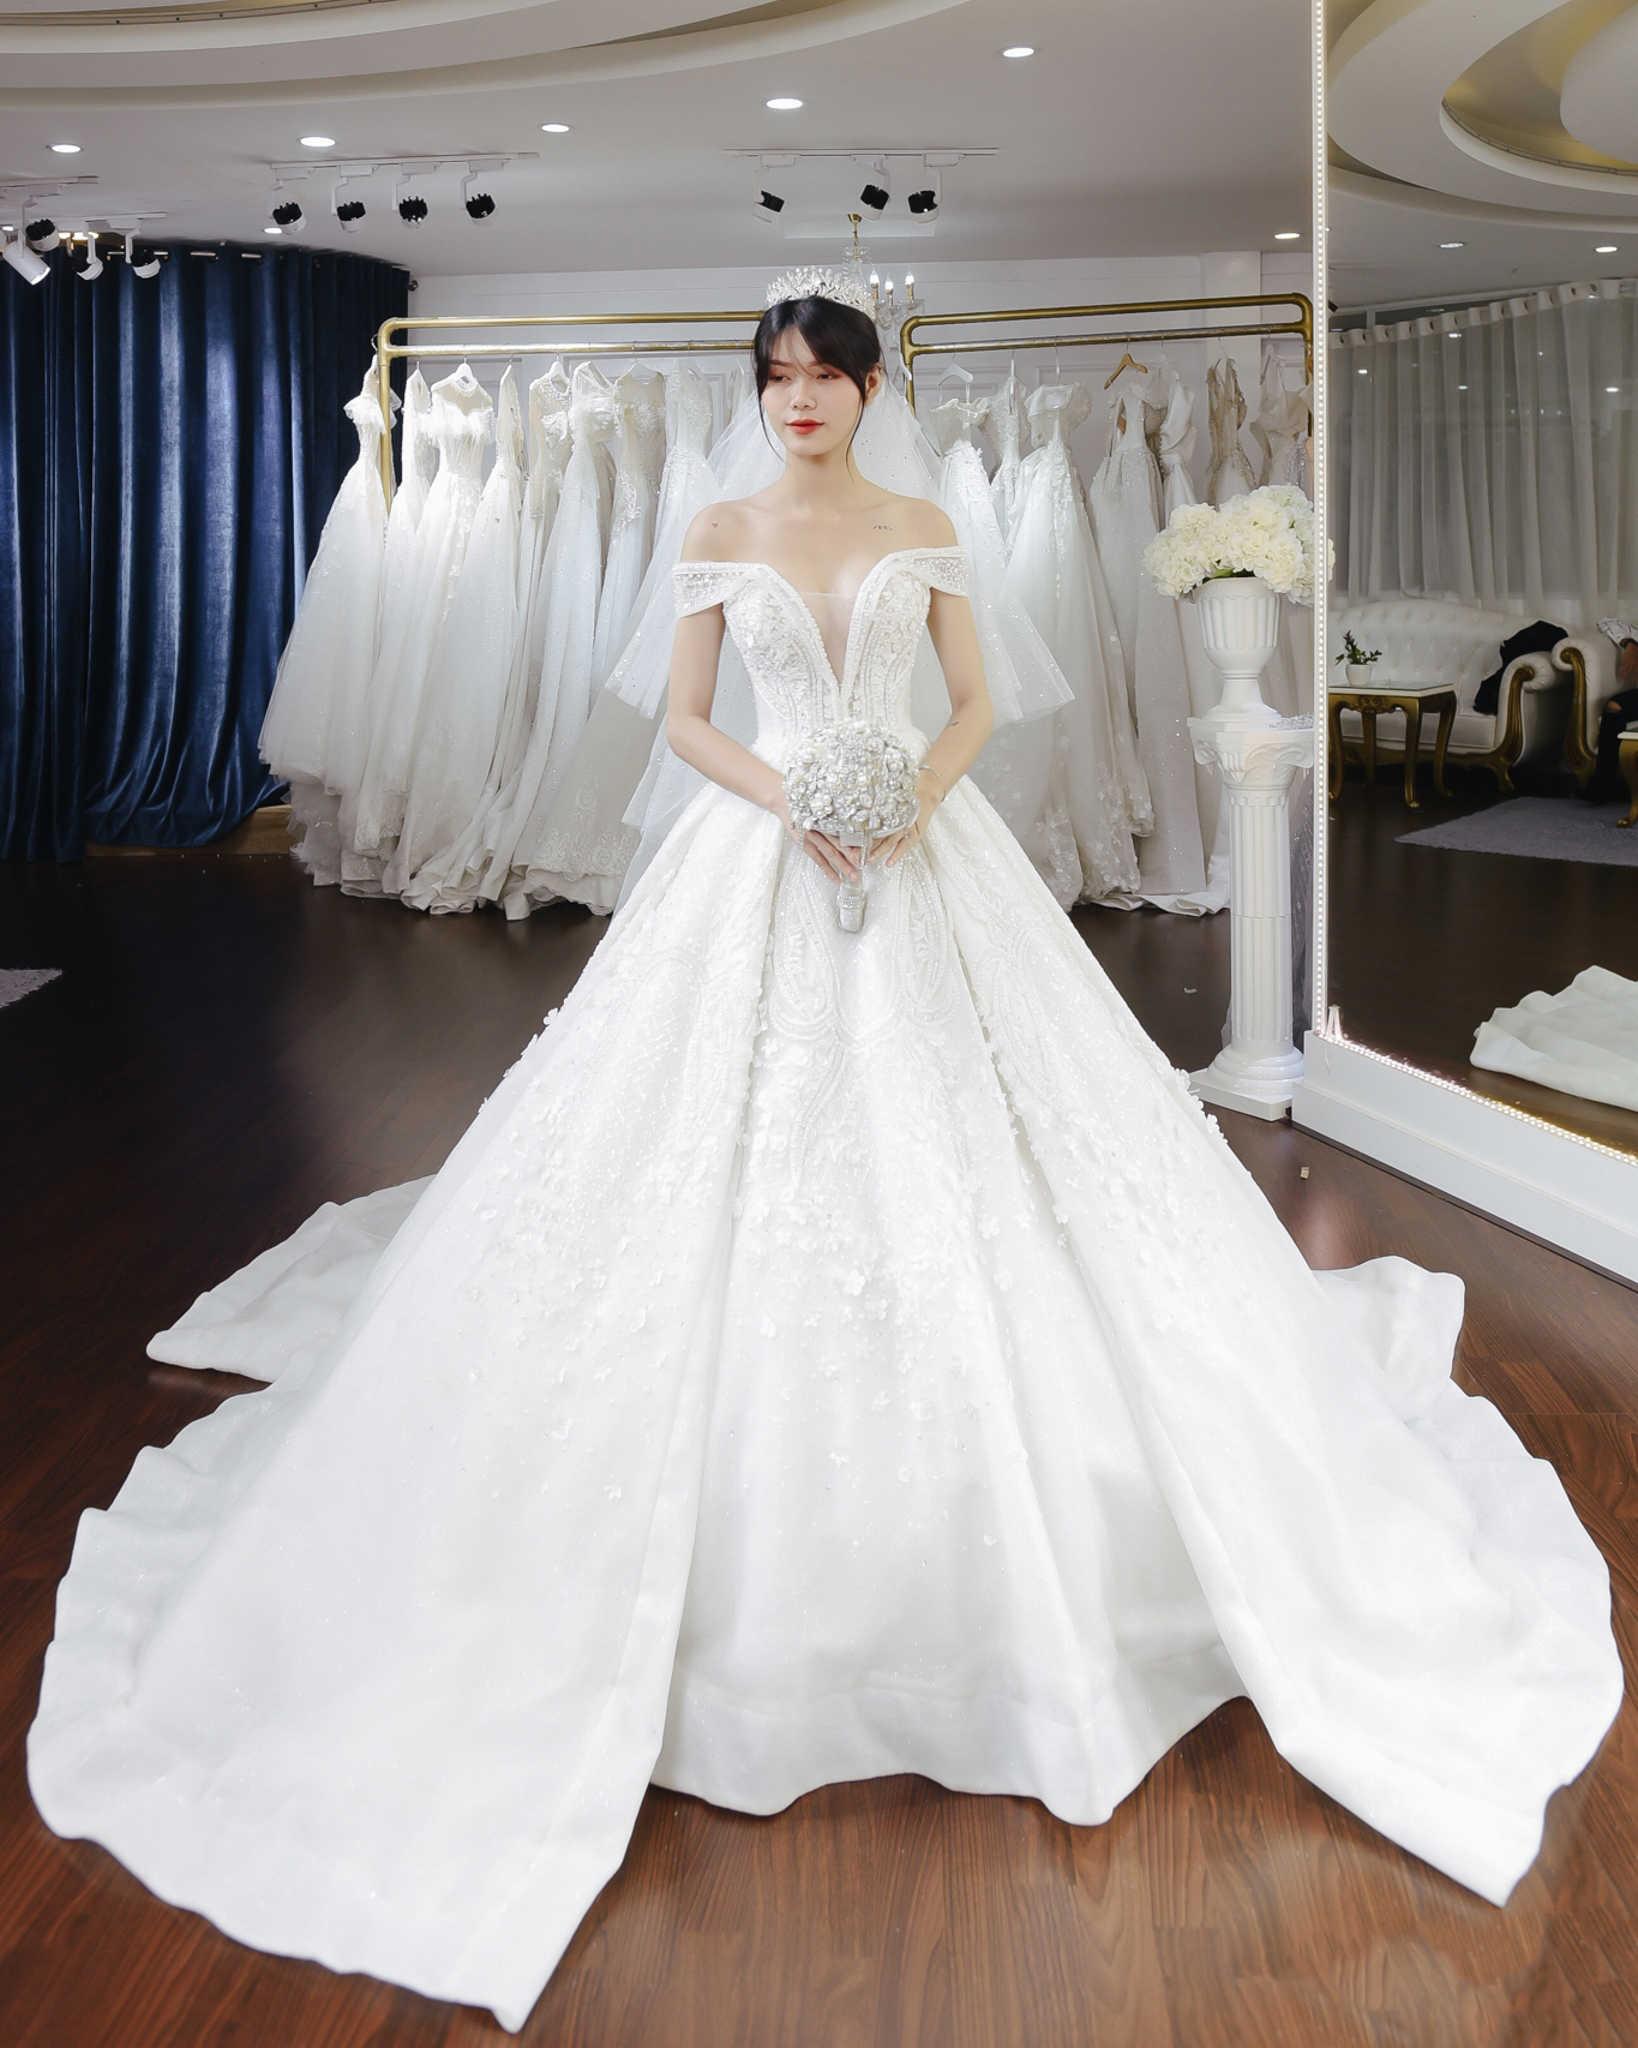 thuê váy cưới giá dưới một triệu